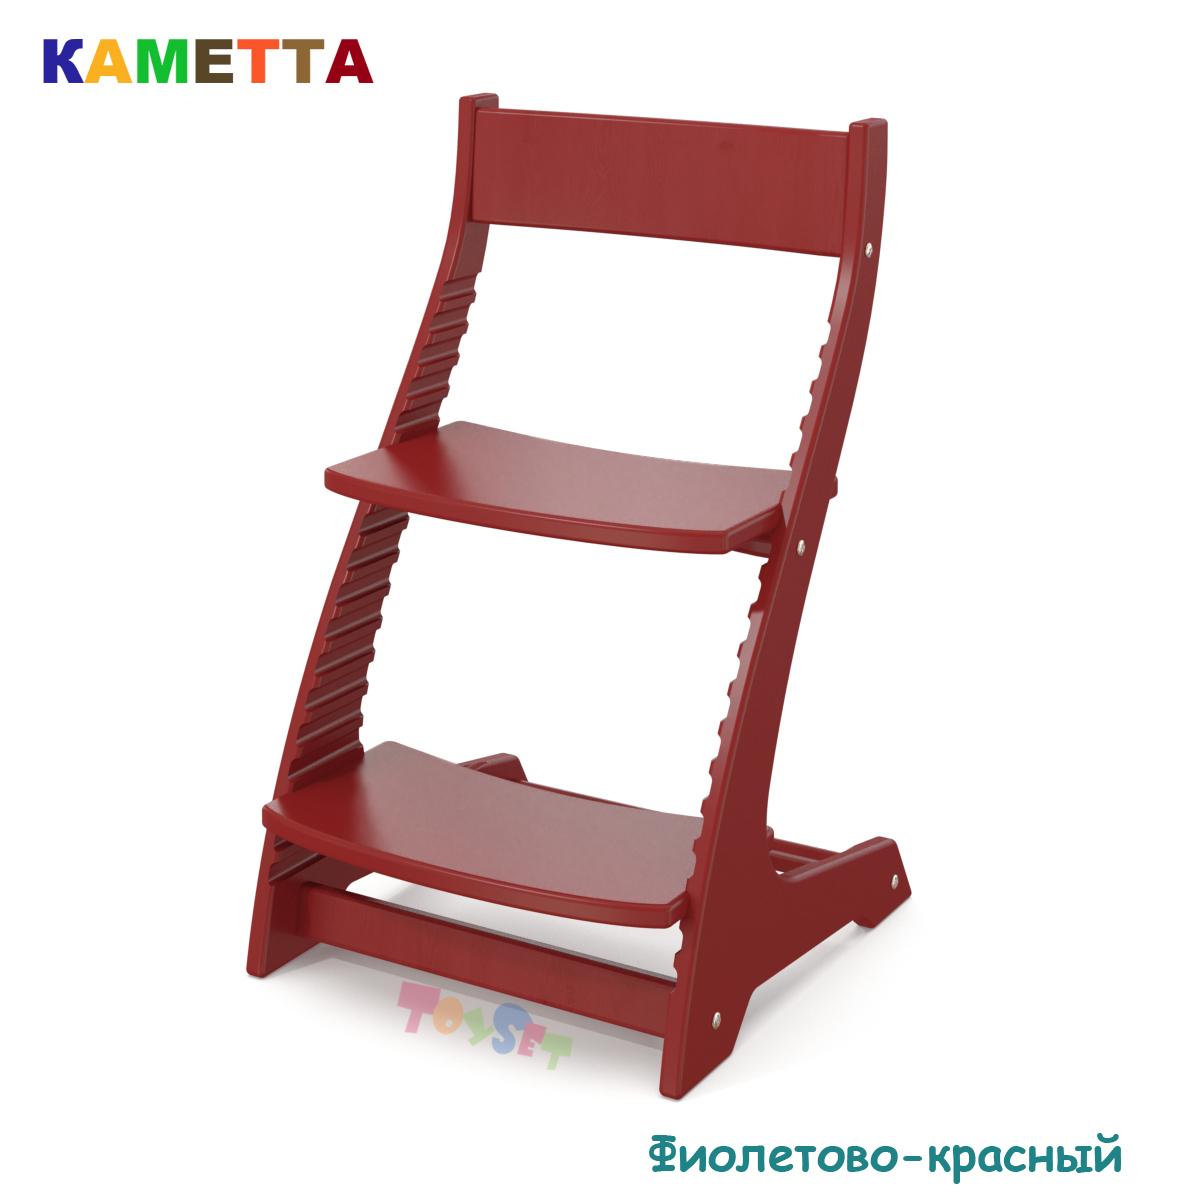 Фиолетово-красный